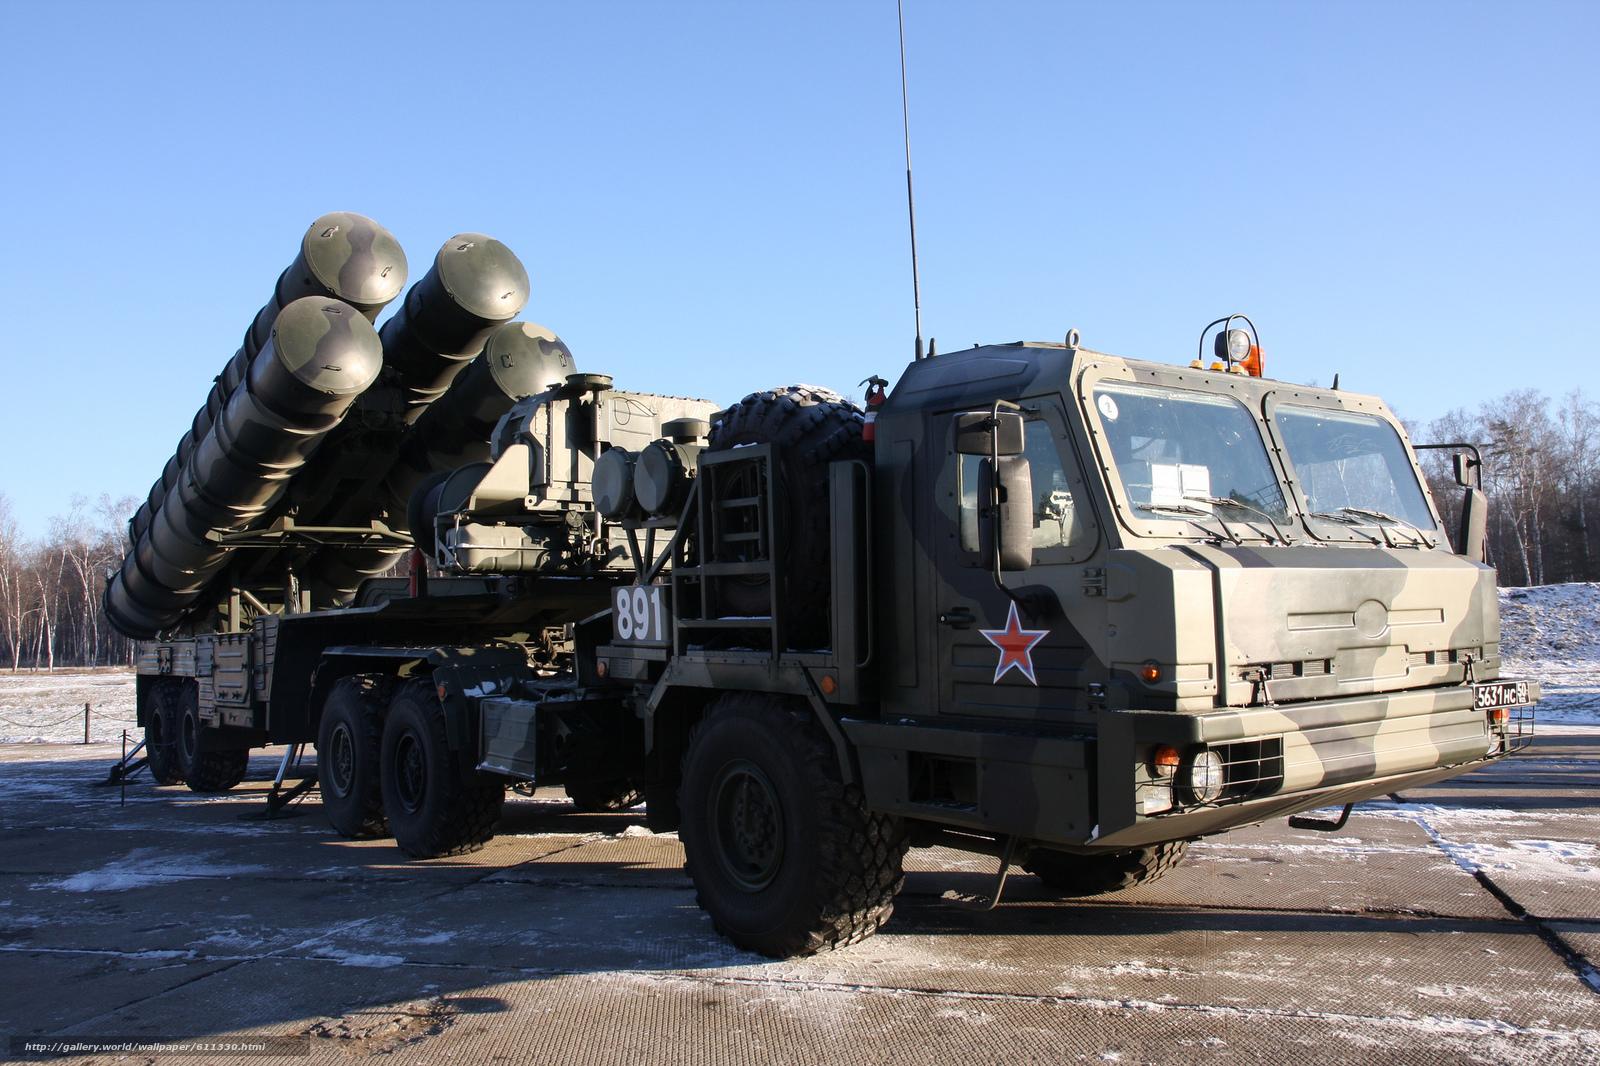 Скачать на телефон обои фото картинку на тему армия, россия, пво, ракетная установка, зрс, с-400, триумф, оружие, оборона, разширение 2048x1365